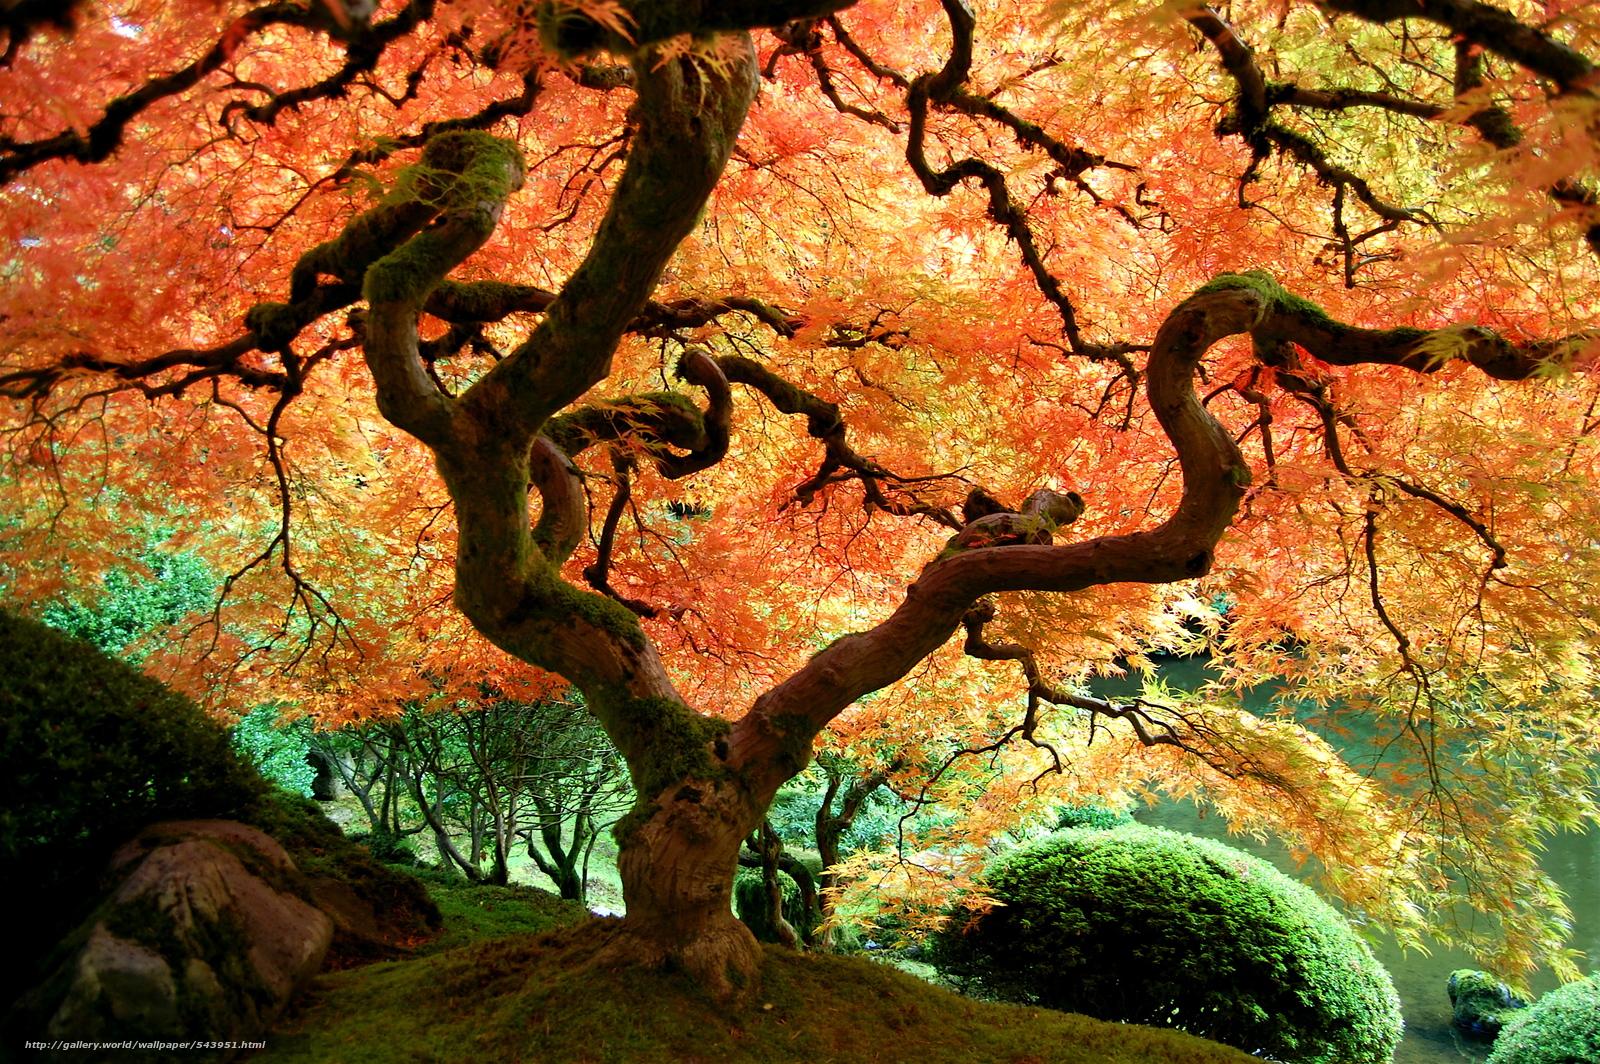 tlcharger fond d 39 ecran jardin japonais portland arbres paysage fonds d 39 ecran gratuits pour. Black Bedroom Furniture Sets. Home Design Ideas